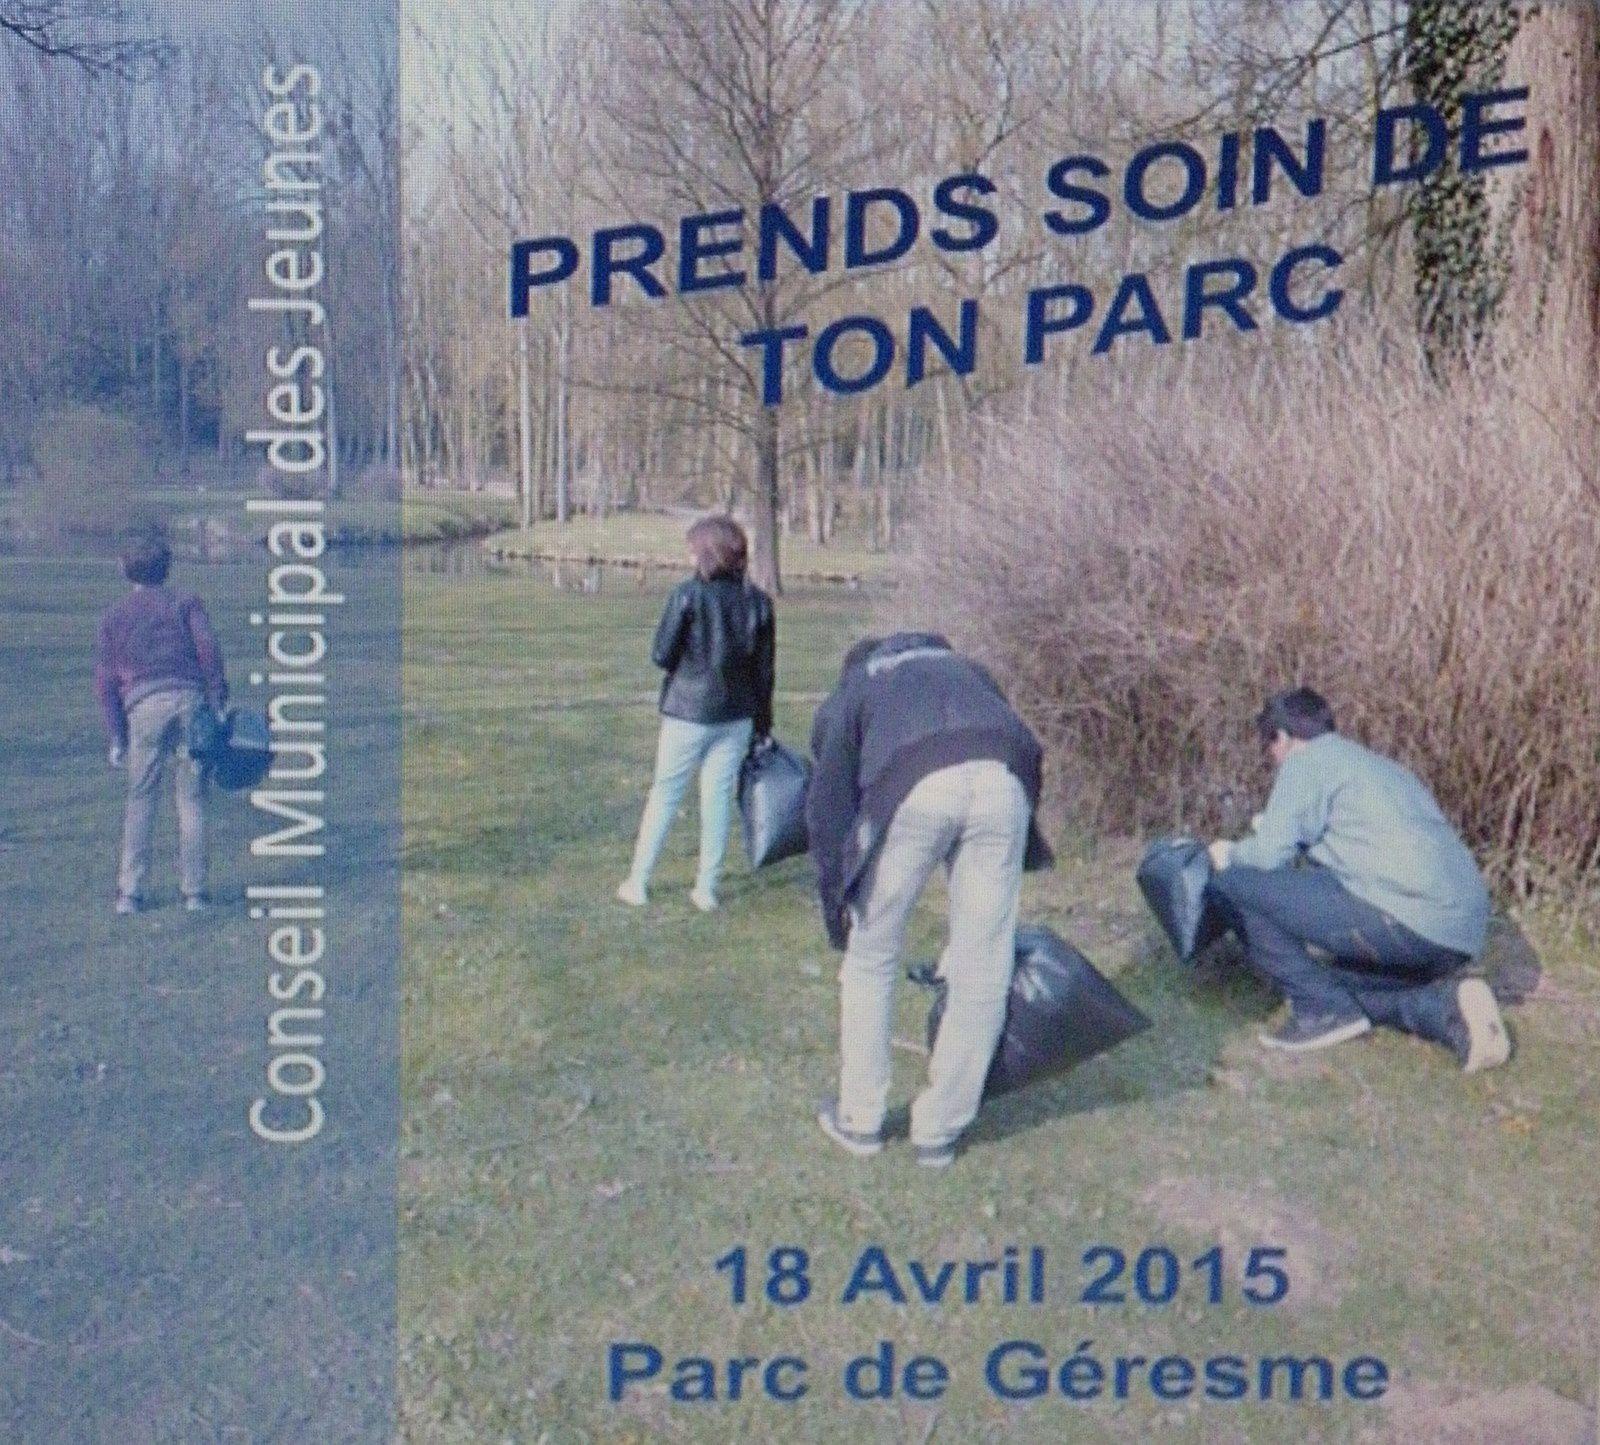 Crépy en Valois : Prends soin du parc de Géresme